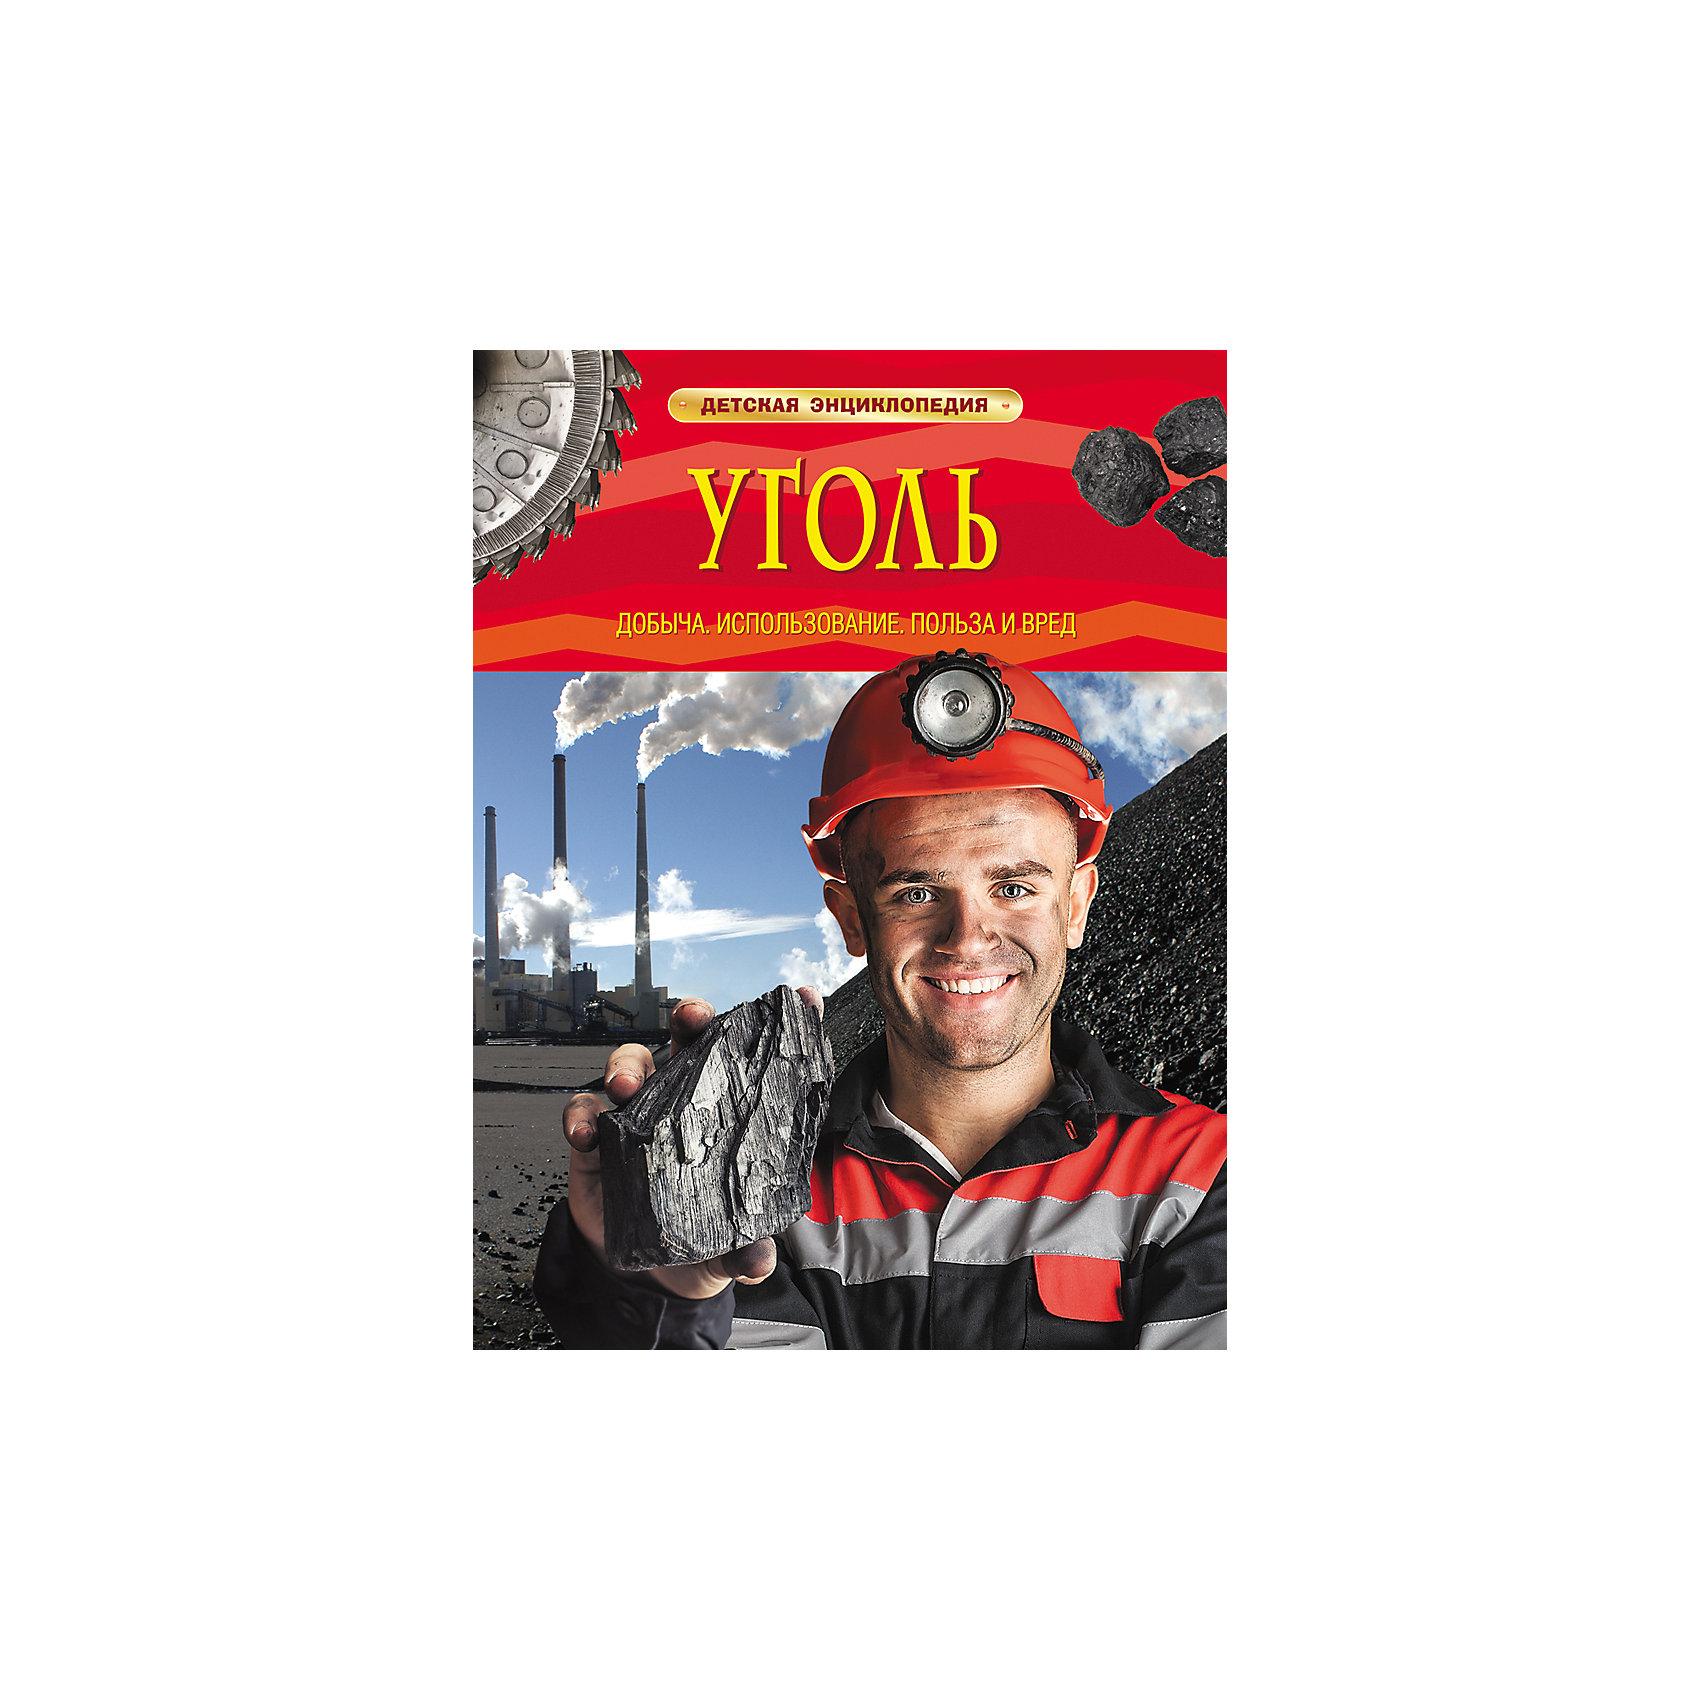 Уголь. добыча, использование, польза и вредДетские энциклопедии<br>Coal: production, use, benefit and harm (Уголь. добыча, использование, польза и вред)<br><br>Характеристики:<br><br>• Серия: детская энциклопедия<br>• Формат: 263х202<br>• Переплет: твердый переплет<br>• Год выпуска: 2016<br>• Количество страниц: 48<br>• Цветные иллюстрации: да<br>• Вес в упаковке: 333 г<br><br>Человечеству нужна энергия. Она заставляет работать технику, обогревает и освещает наши дома. Одним из основных источников энергии является каменный уголь. Как он образовался и почему так важен для человека? Так ли безопасно использовать уголь и чем его можно заменить? Что представляет собой угольная электростанция и зачем шахтерам прошлого века нужна была канарейка и лошадь? Все это и многое другое вы найдете в этой книге.<br><br>Книгу «Уголь. добыча, использование, польза и вред» можно купить в нашем интернет-магазине.<br><br>Ширина мм: 263<br>Глубина мм: 202<br>Высота мм: 7<br>Вес г: 333<br>Возраст от месяцев: 84<br>Возраст до месяцев: 108<br>Пол: Унисекс<br>Возраст: Детский<br>SKU: 5109718